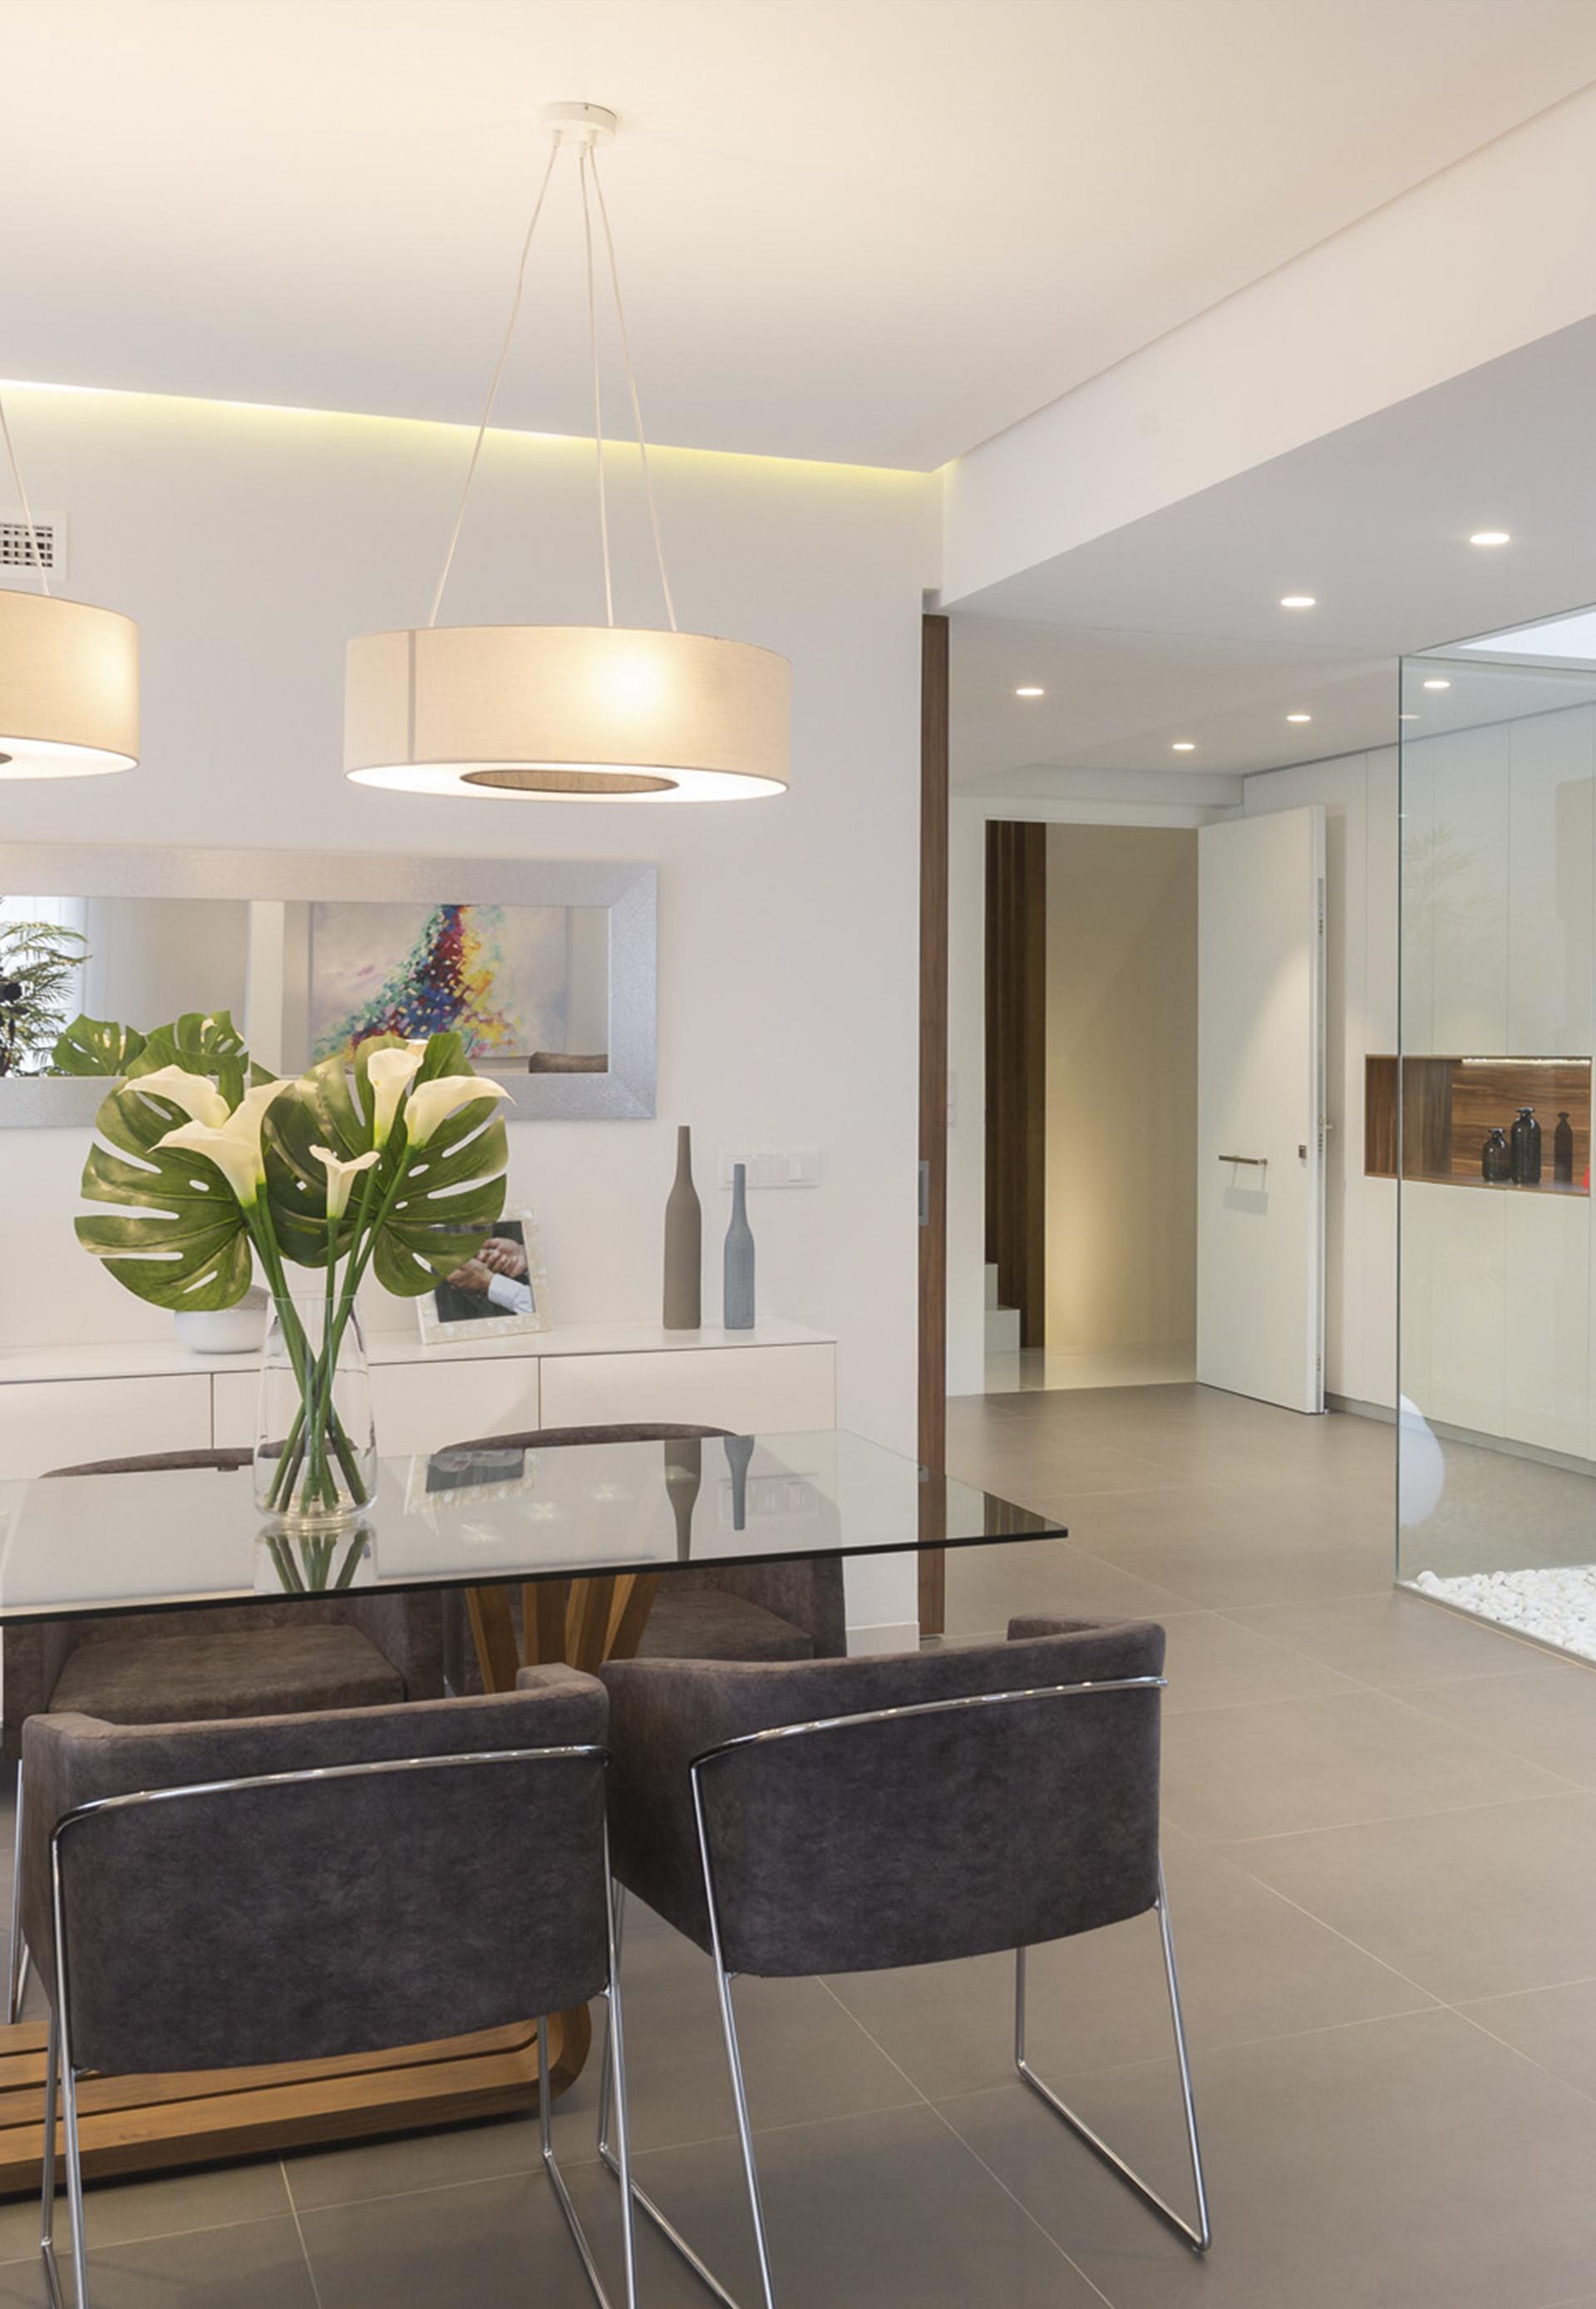 Dise o de interiores e interiorismo comercial y viviendas for Diseno de interiores valencia